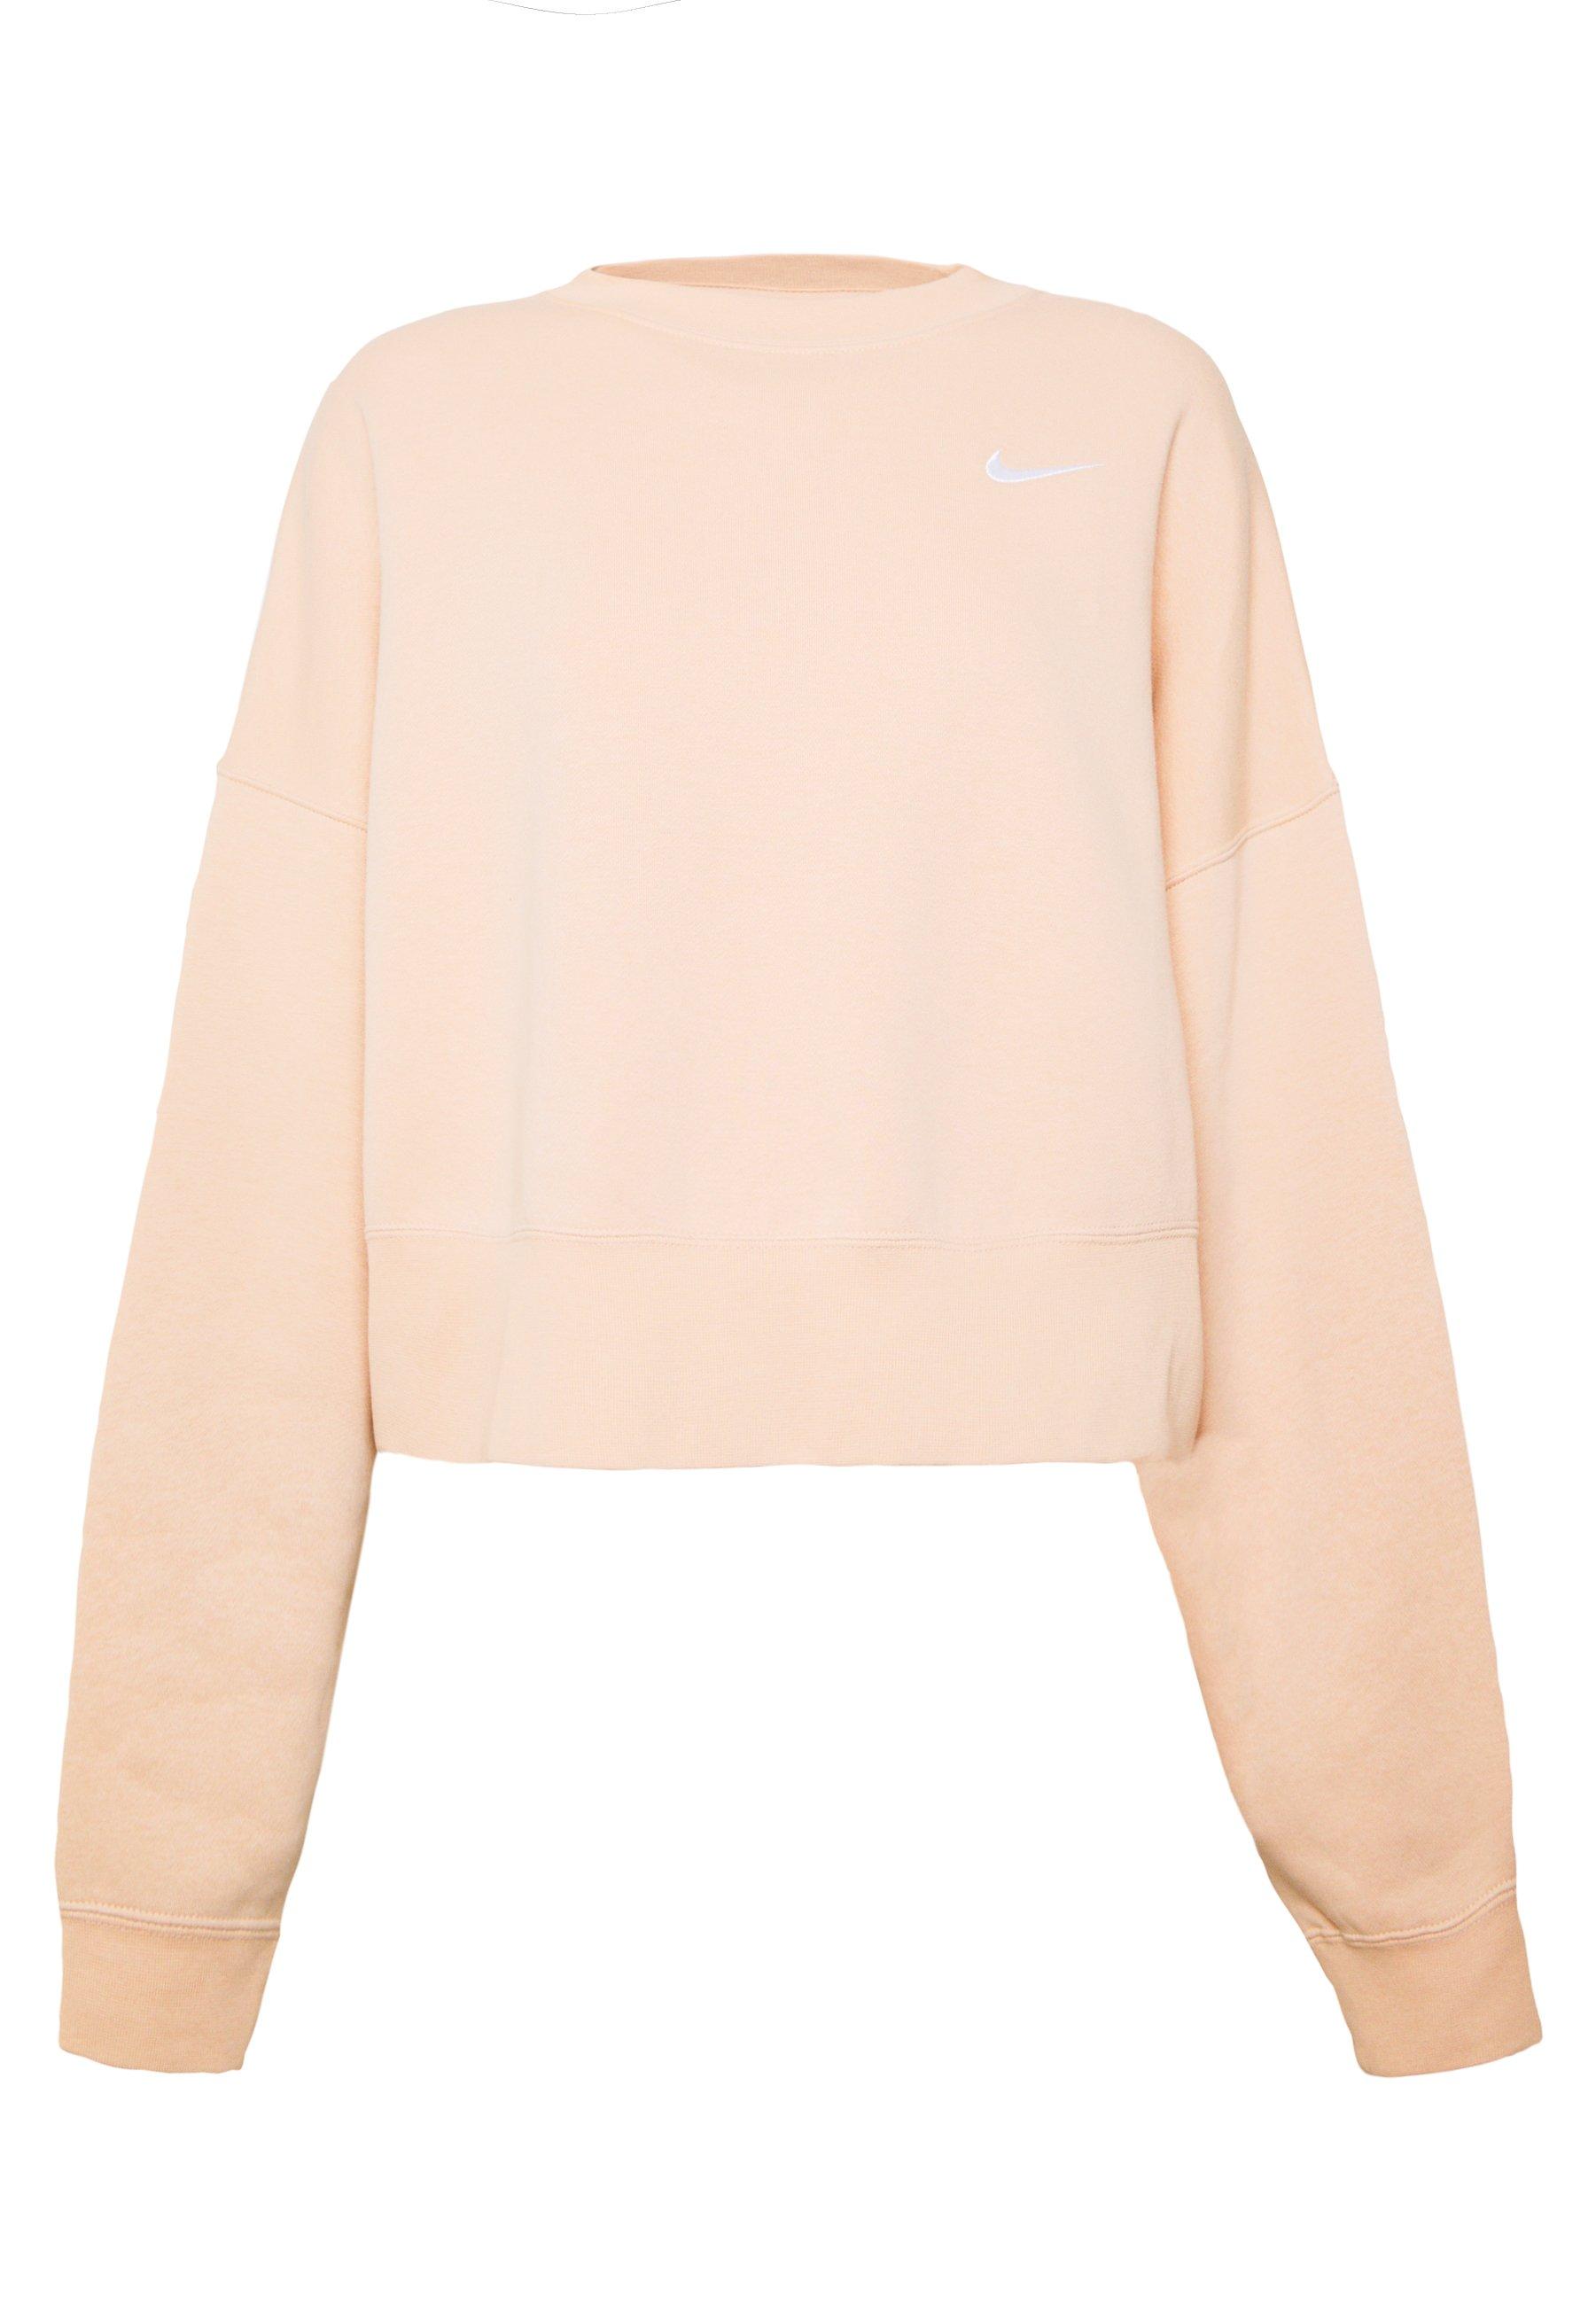 Nike Sportswear CREW TREND Sweater oatmealBeige